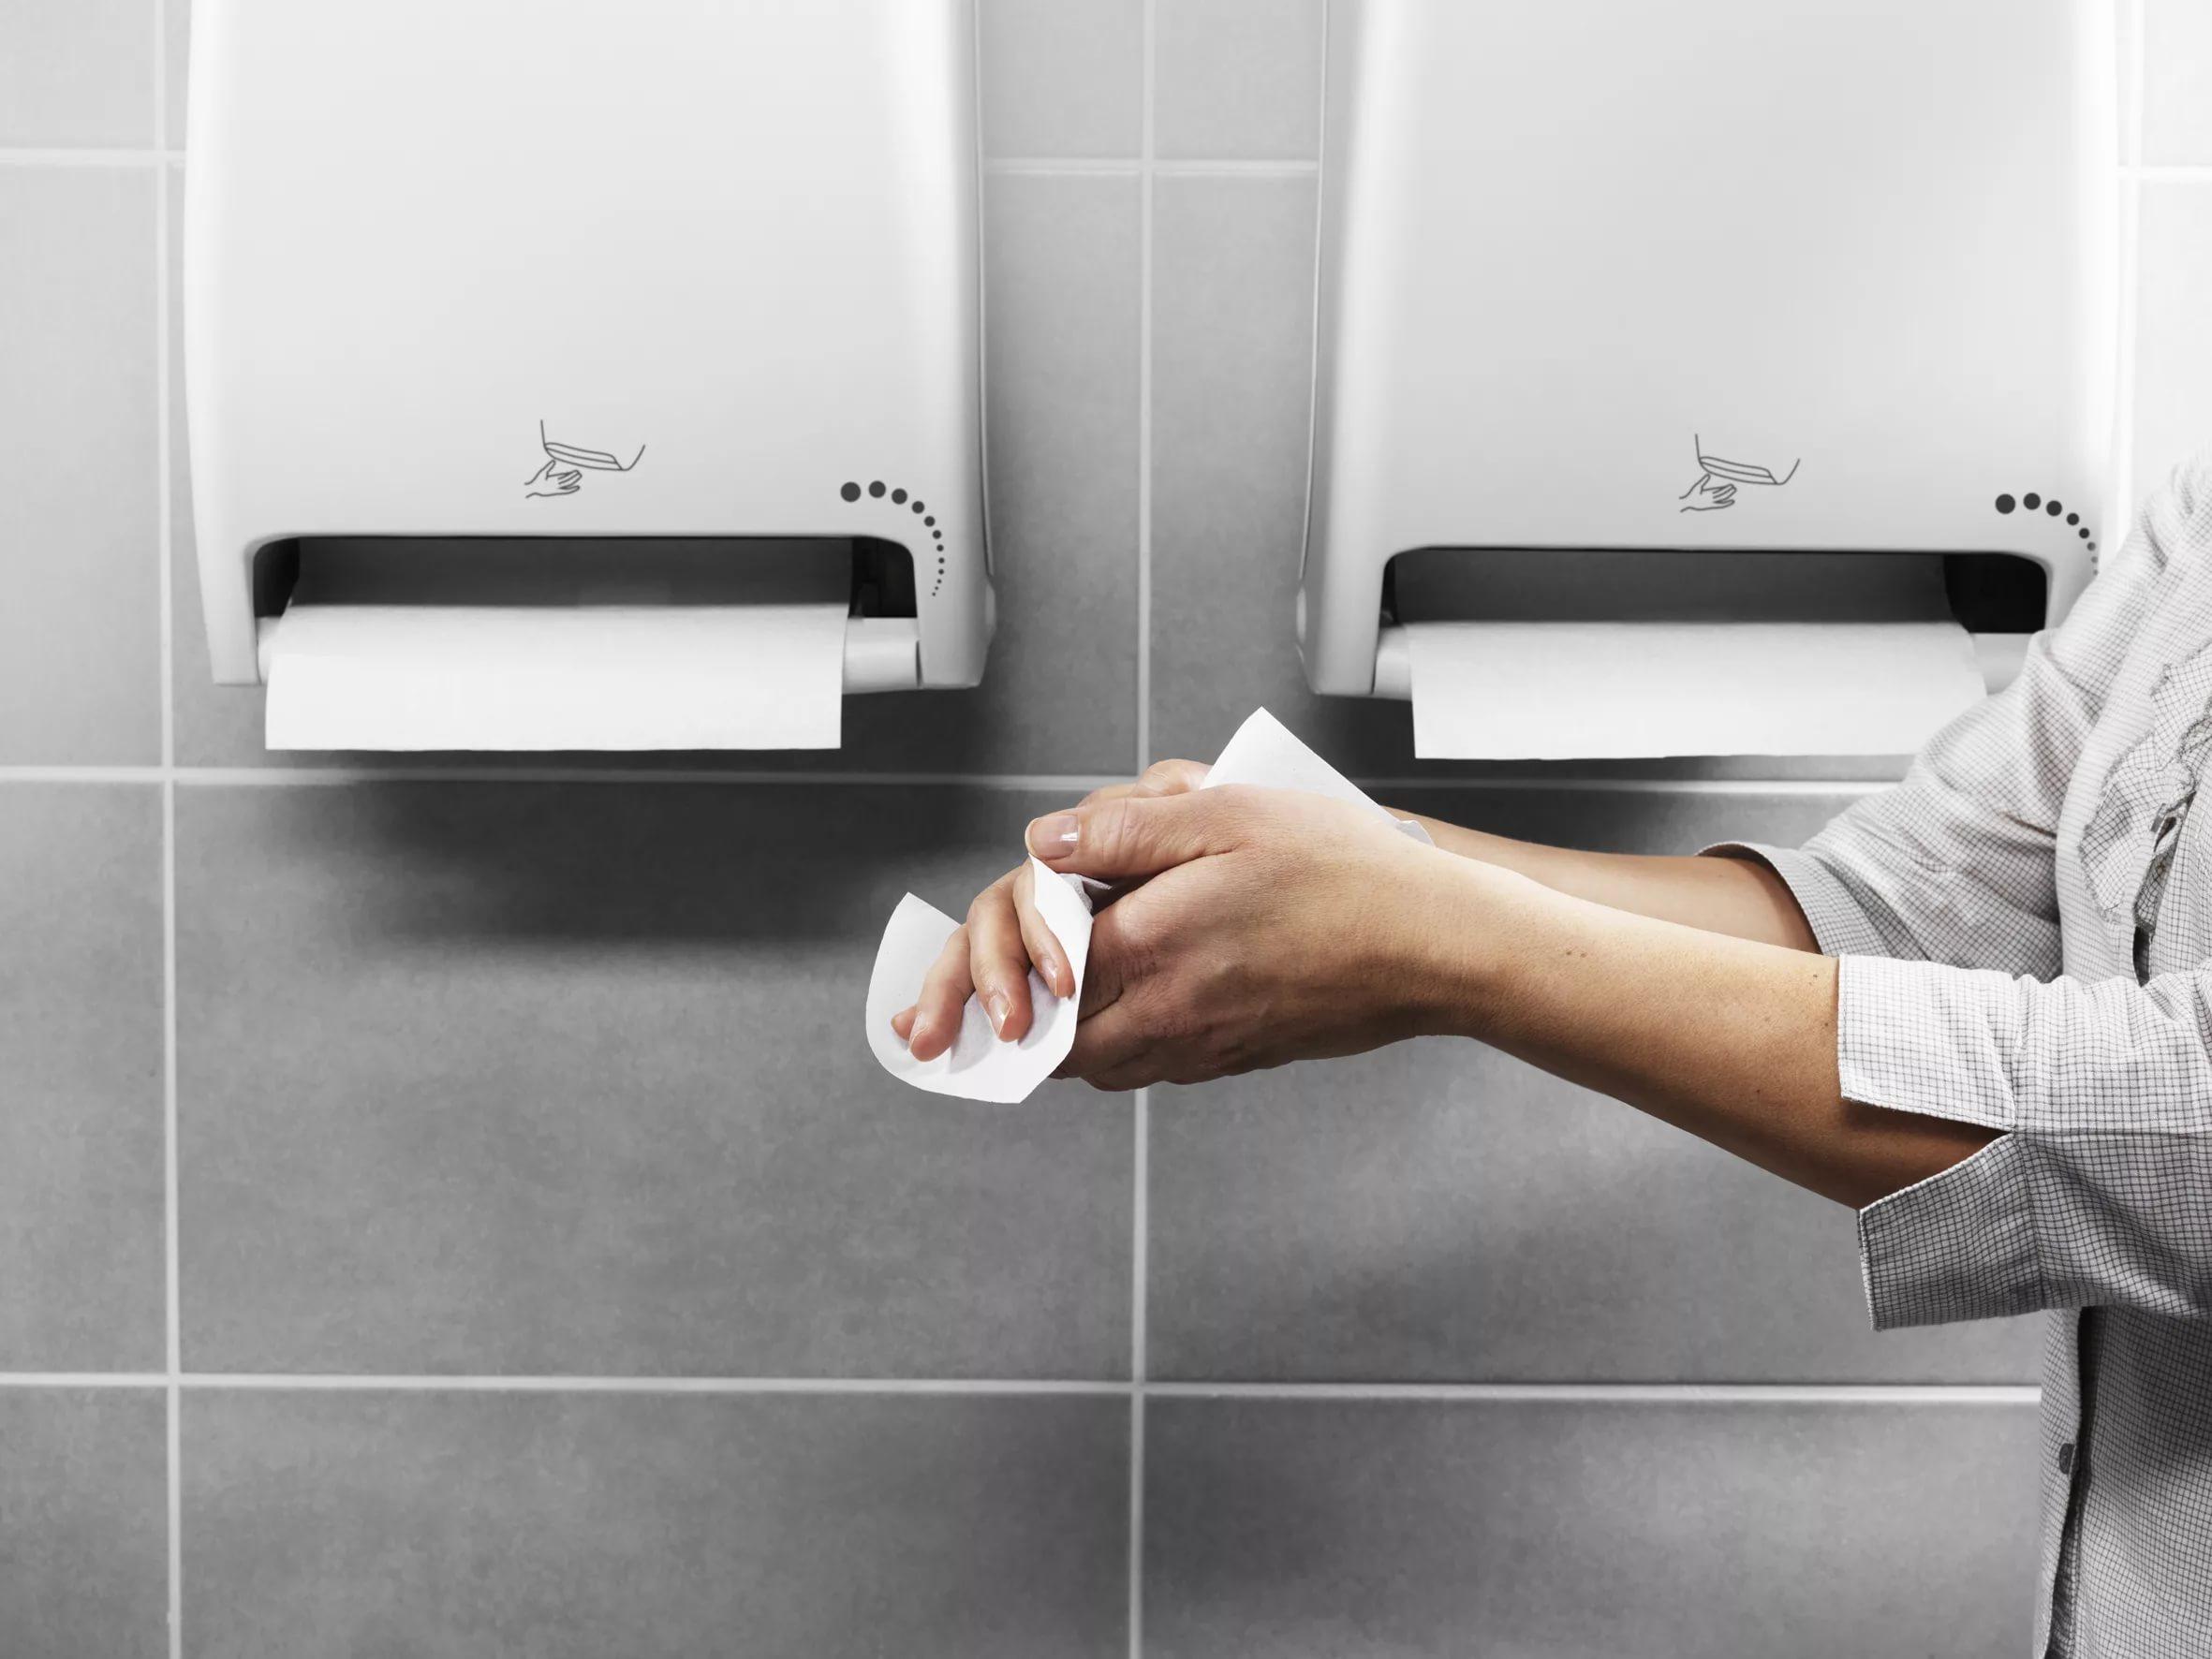 вытираем руки